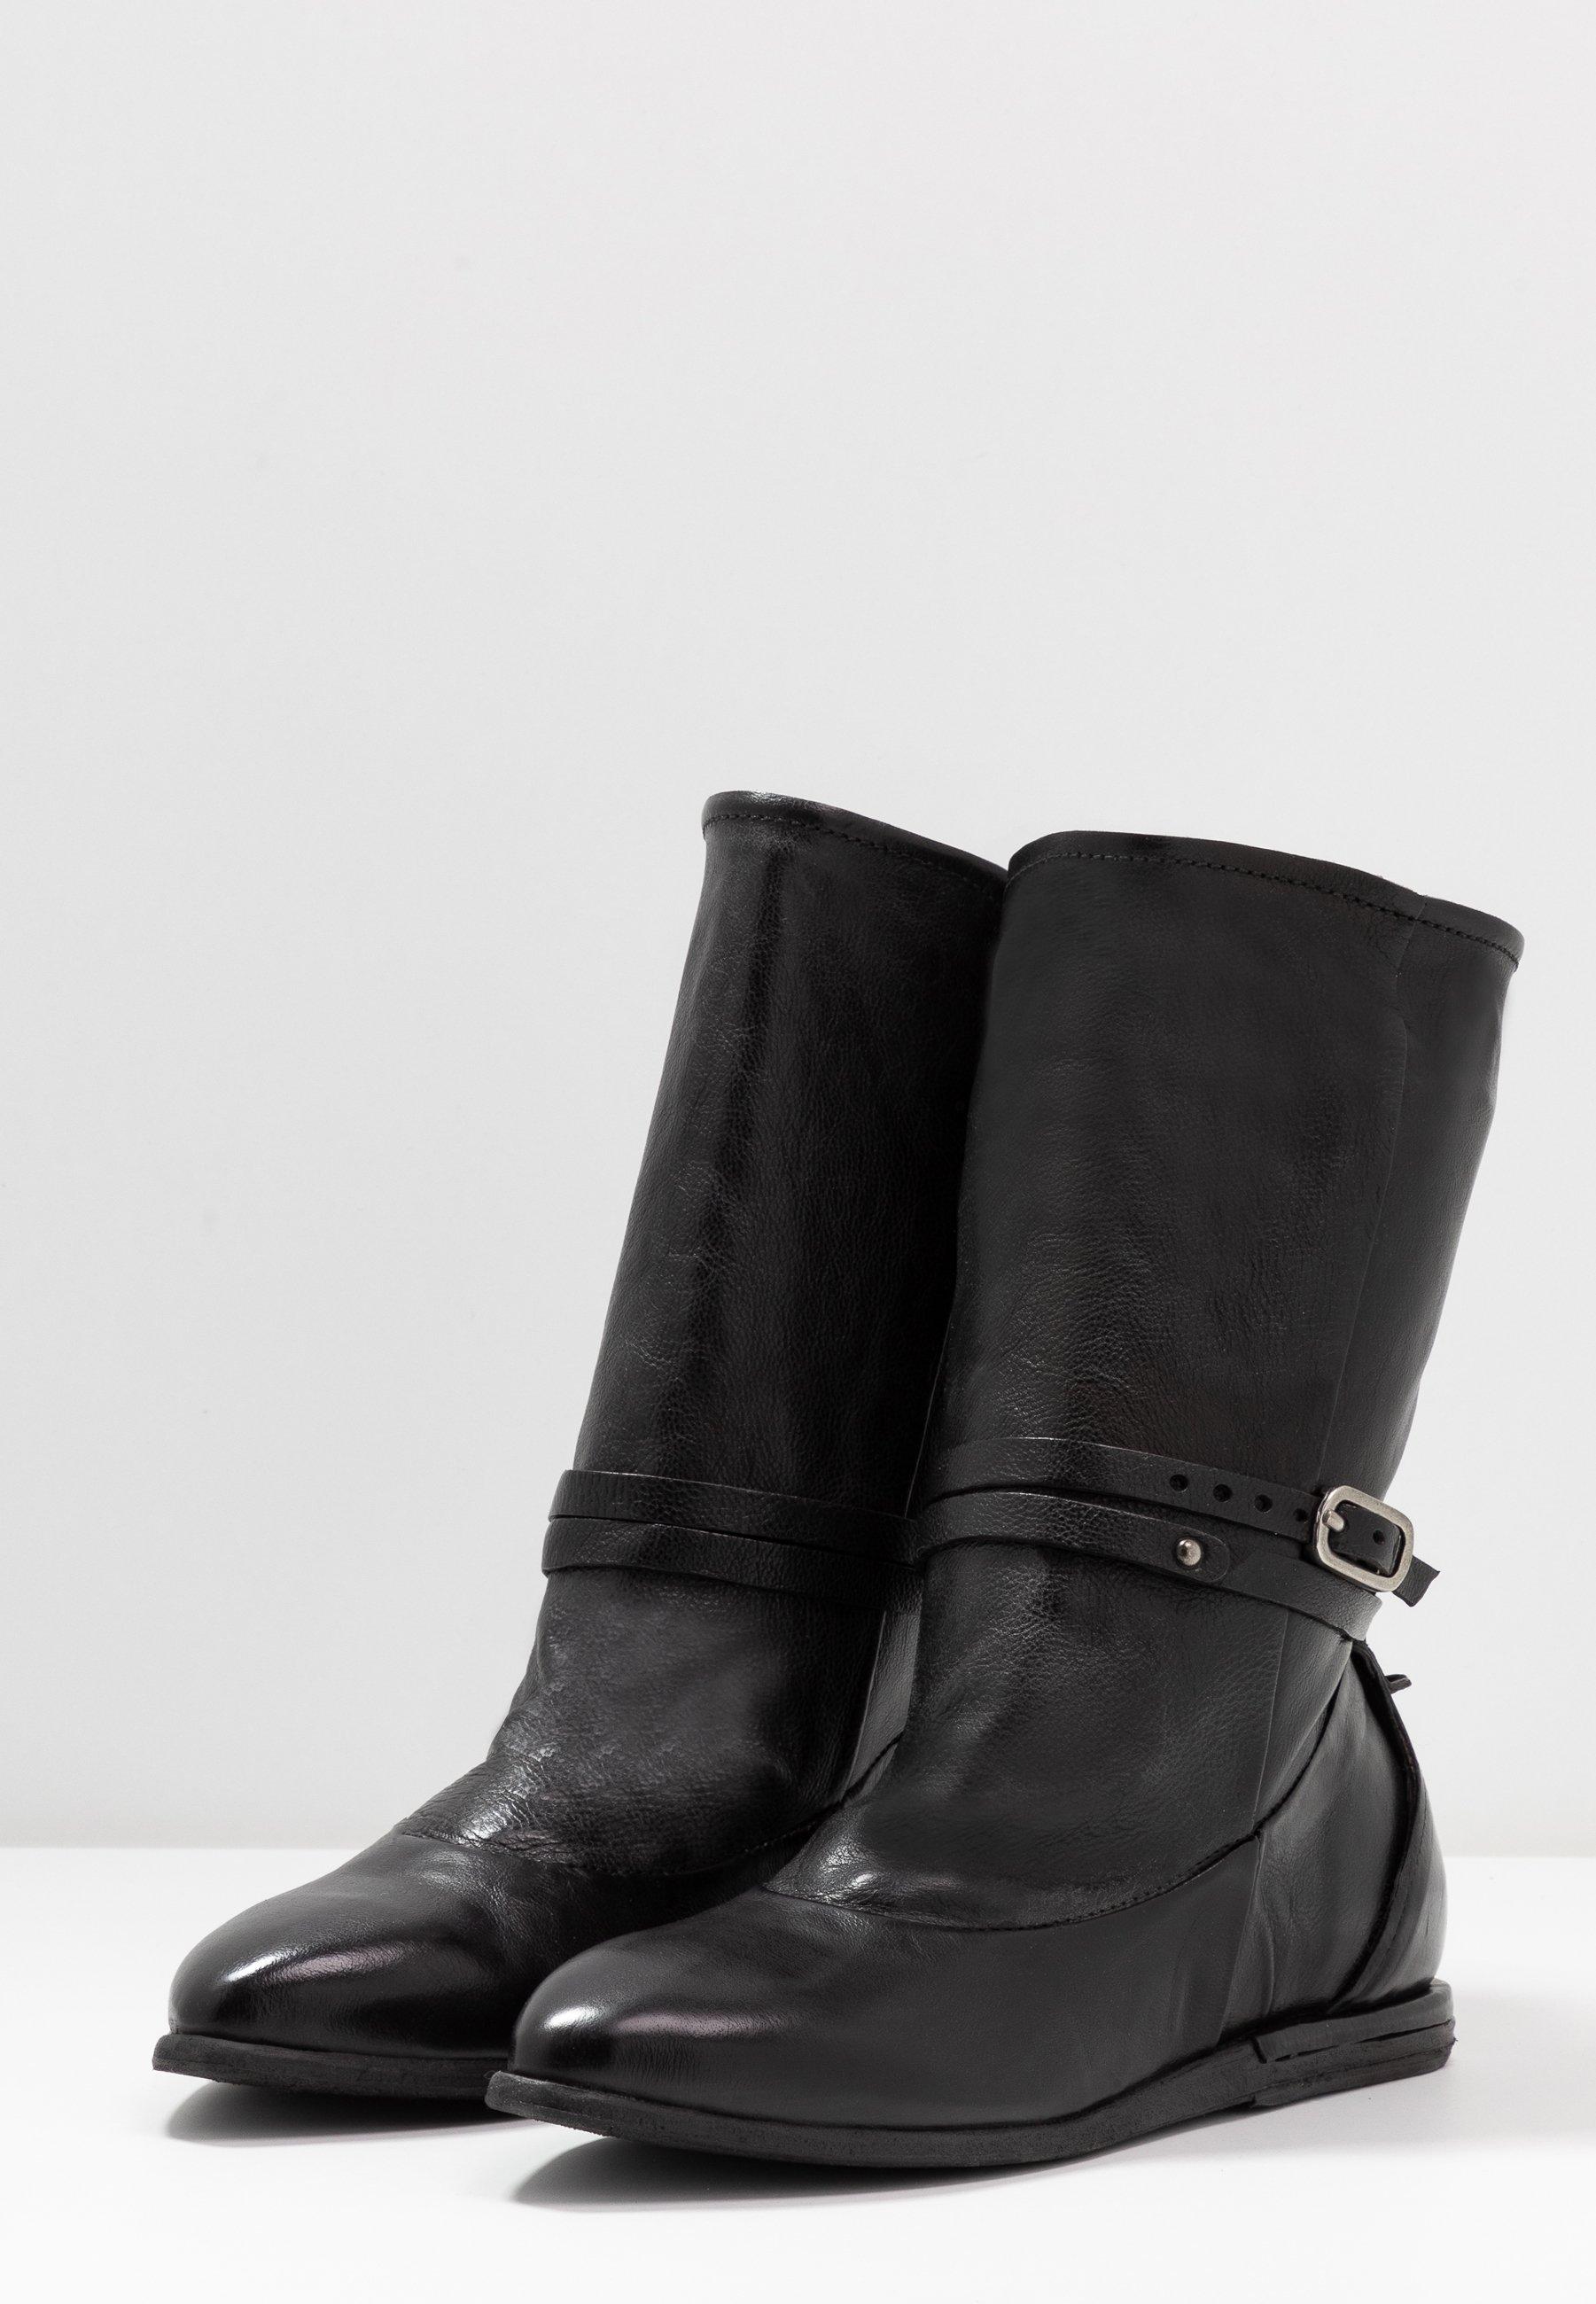 A.S.98 Bottes - nero - Bottes femme Haute qualité